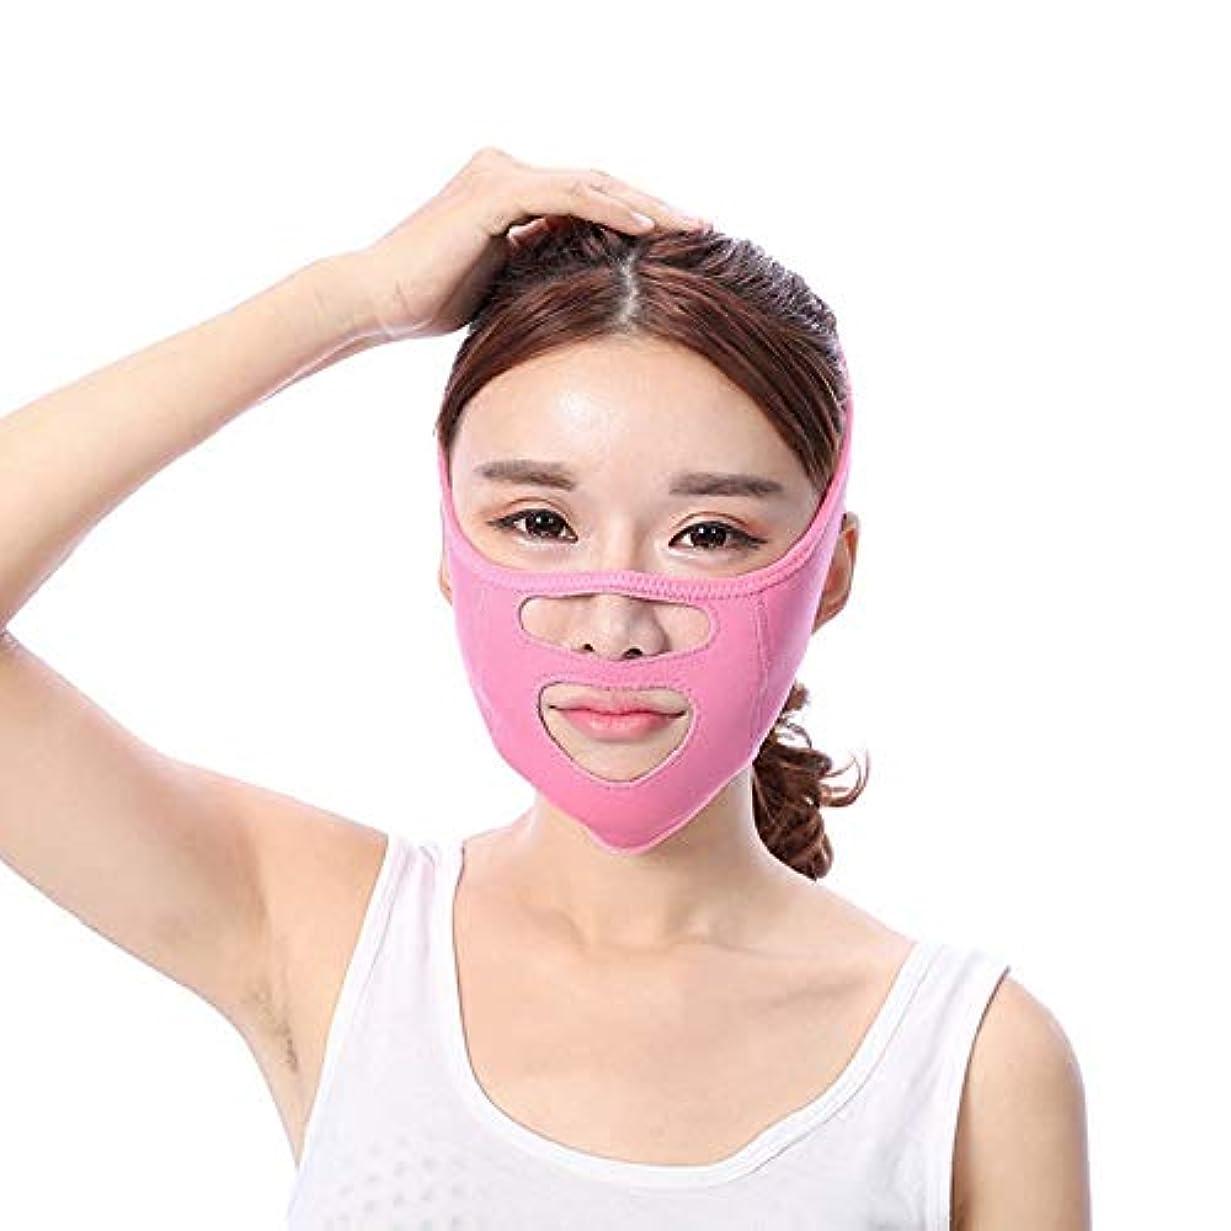 バーベキュー嫉妬契約するフェイスリフトベルトフェイスバンデージ美容機器リフティングファインディングダブルチン法令Vマスク睡眠マスク通気性